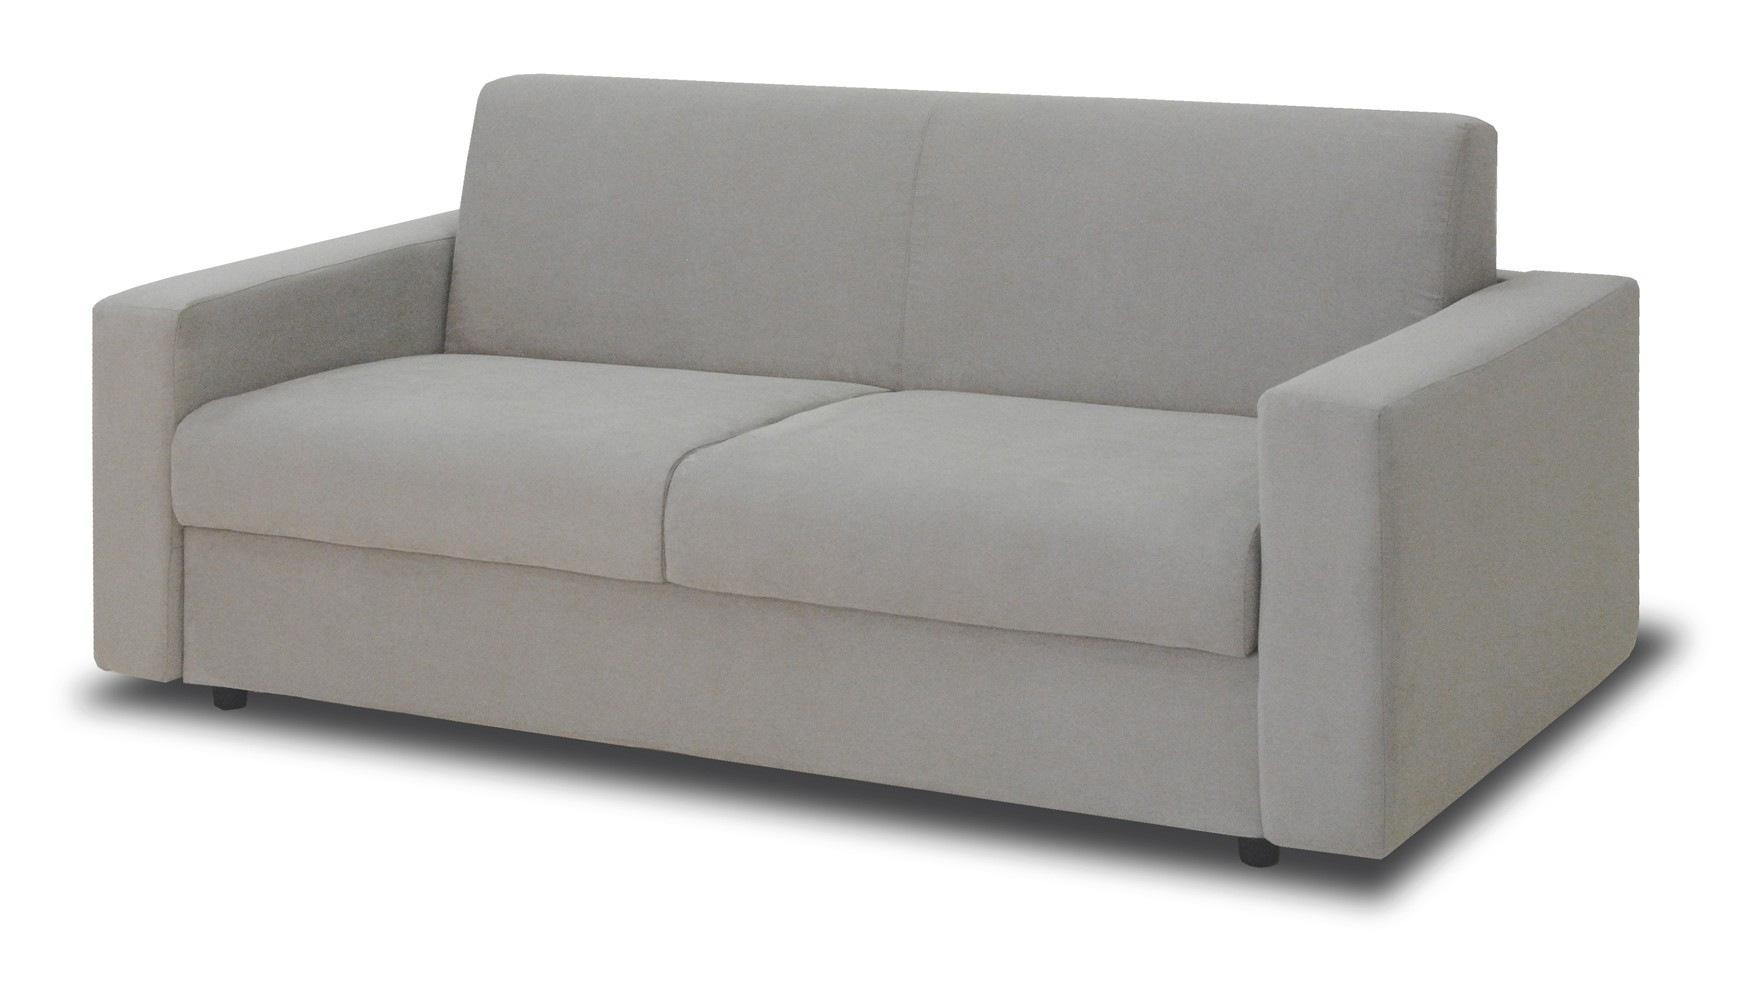 Canapé Convertible Angle Ikea Beau Images Les 13 Meilleur Canapé Lit Ikea Image